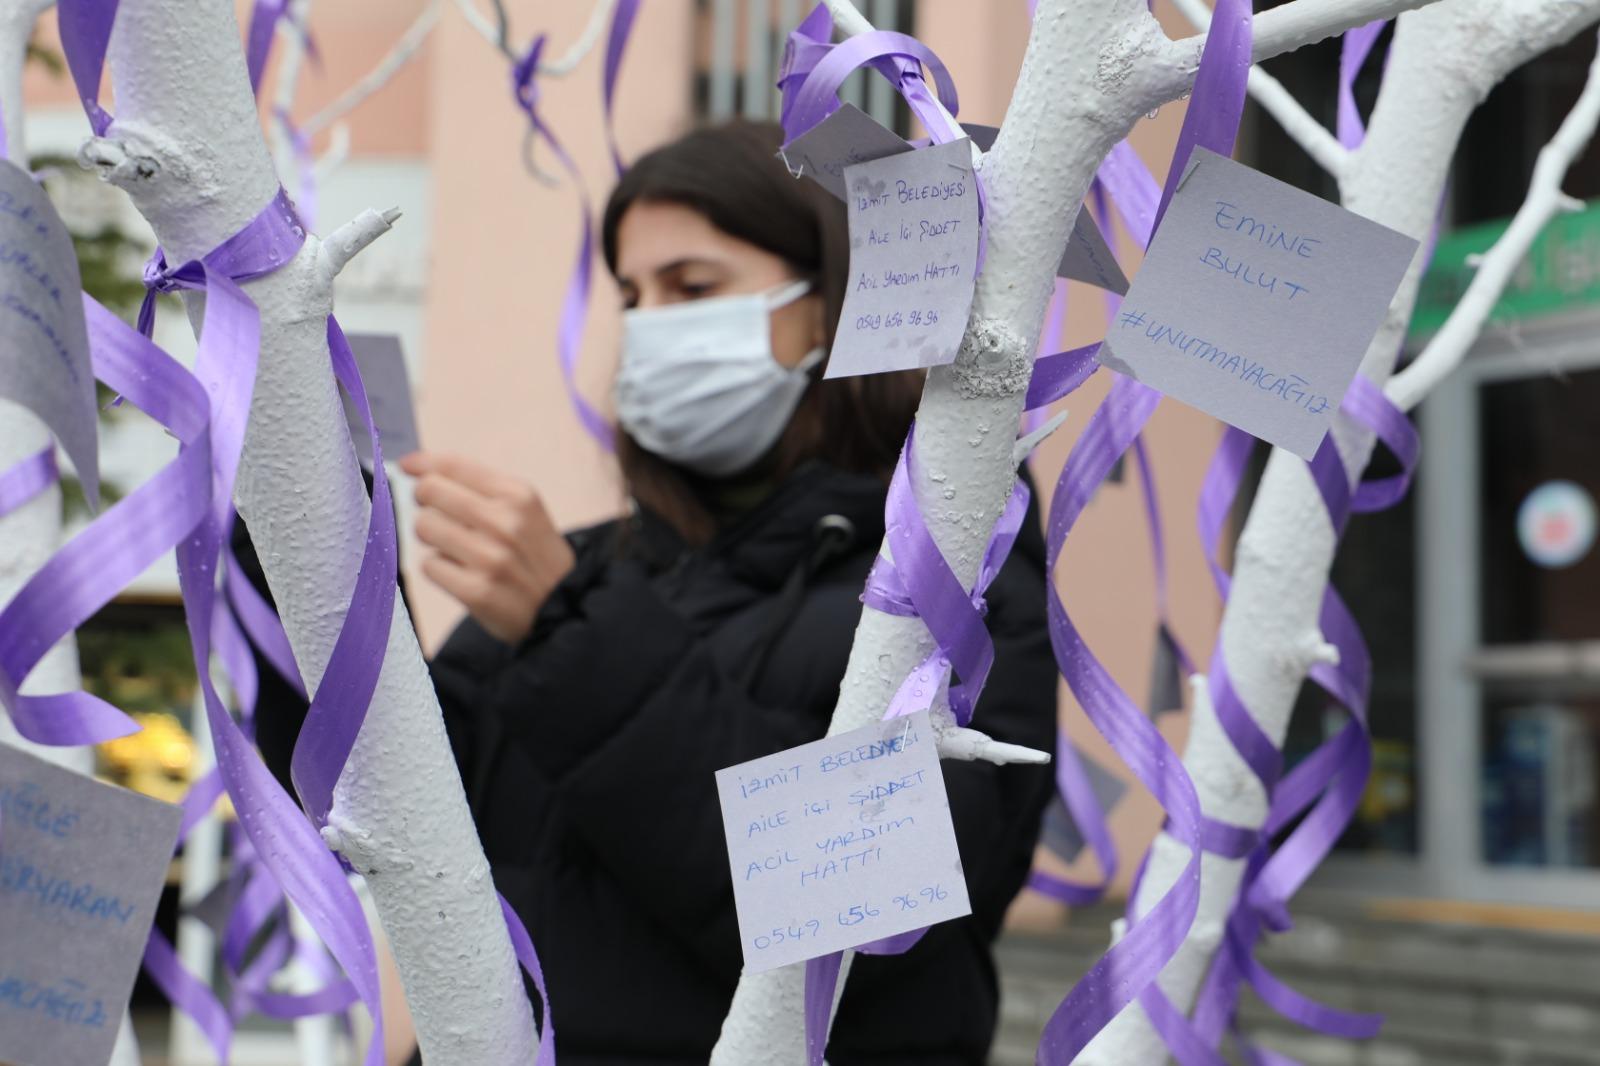 İzmit Belediyesi: 'Aile İçi Şiddet Hattı ile Asla Yalnız Değilsiniz'